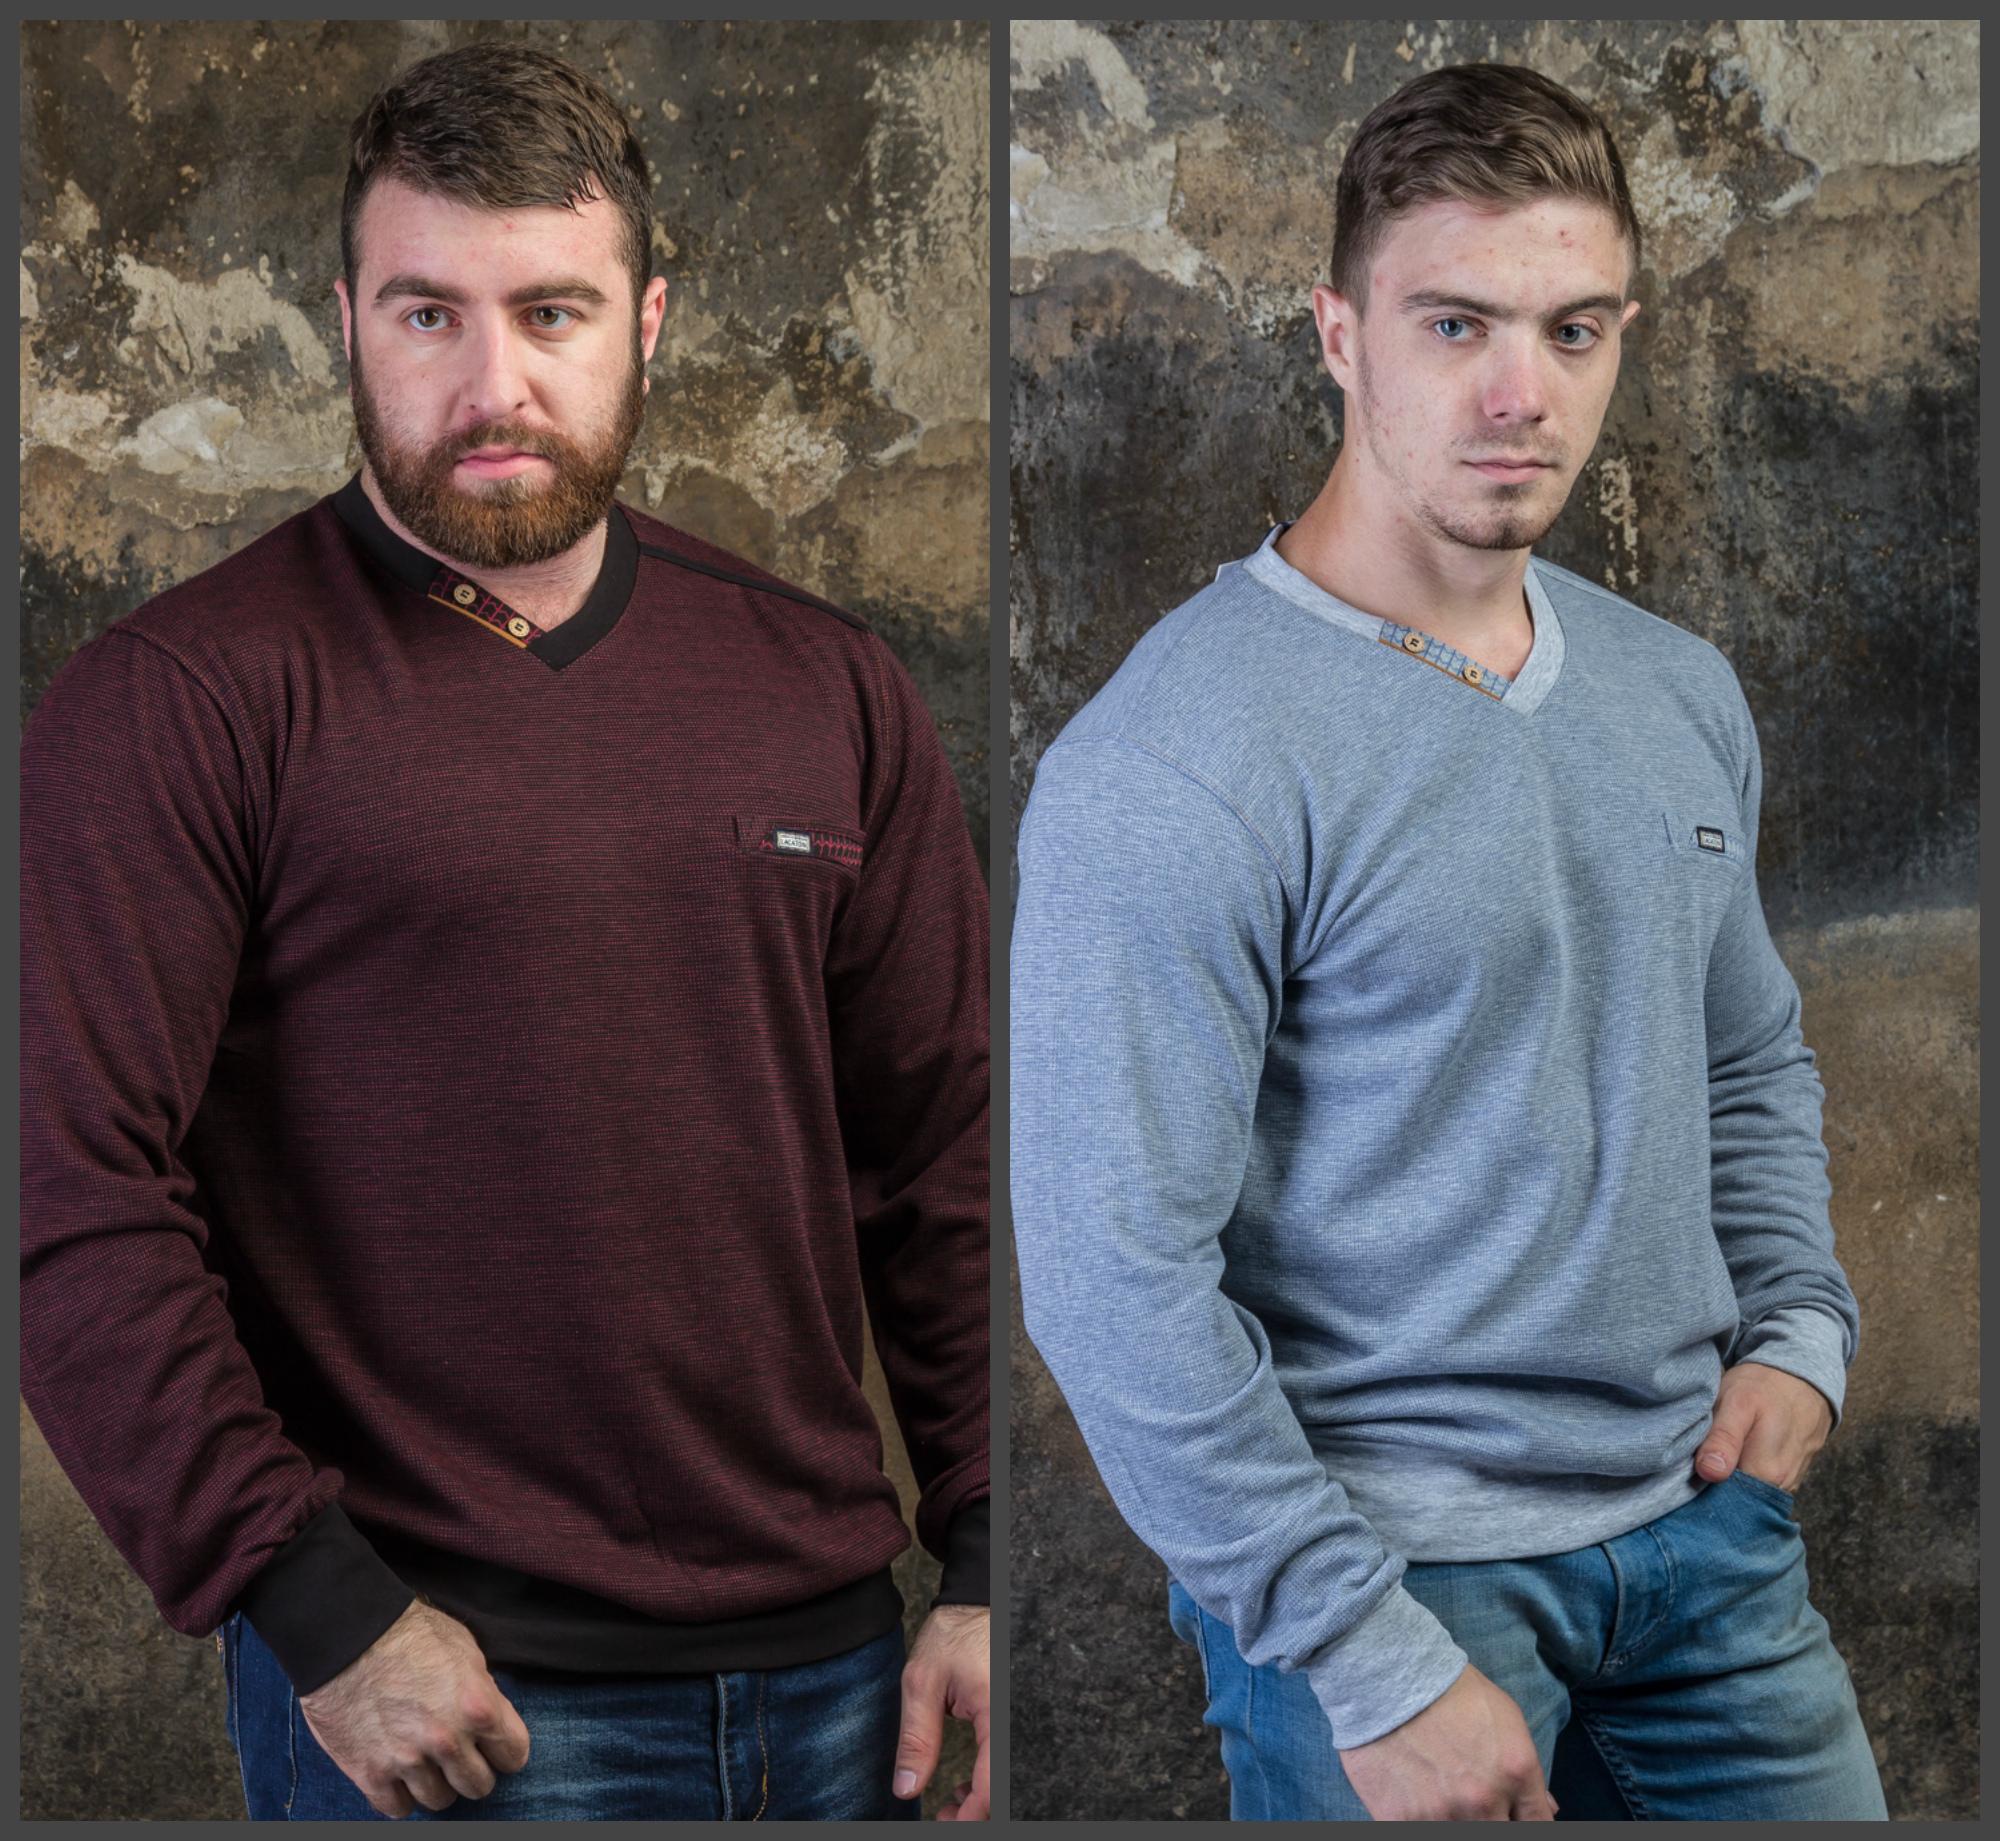 СКОРО СТОП!! Молодежная мужская одежда по очень приятным ценам (от 500 руб). Огромный выбор футболок, толстовок, рубашек (Турция). Есть распродажа. Размеры 46-62